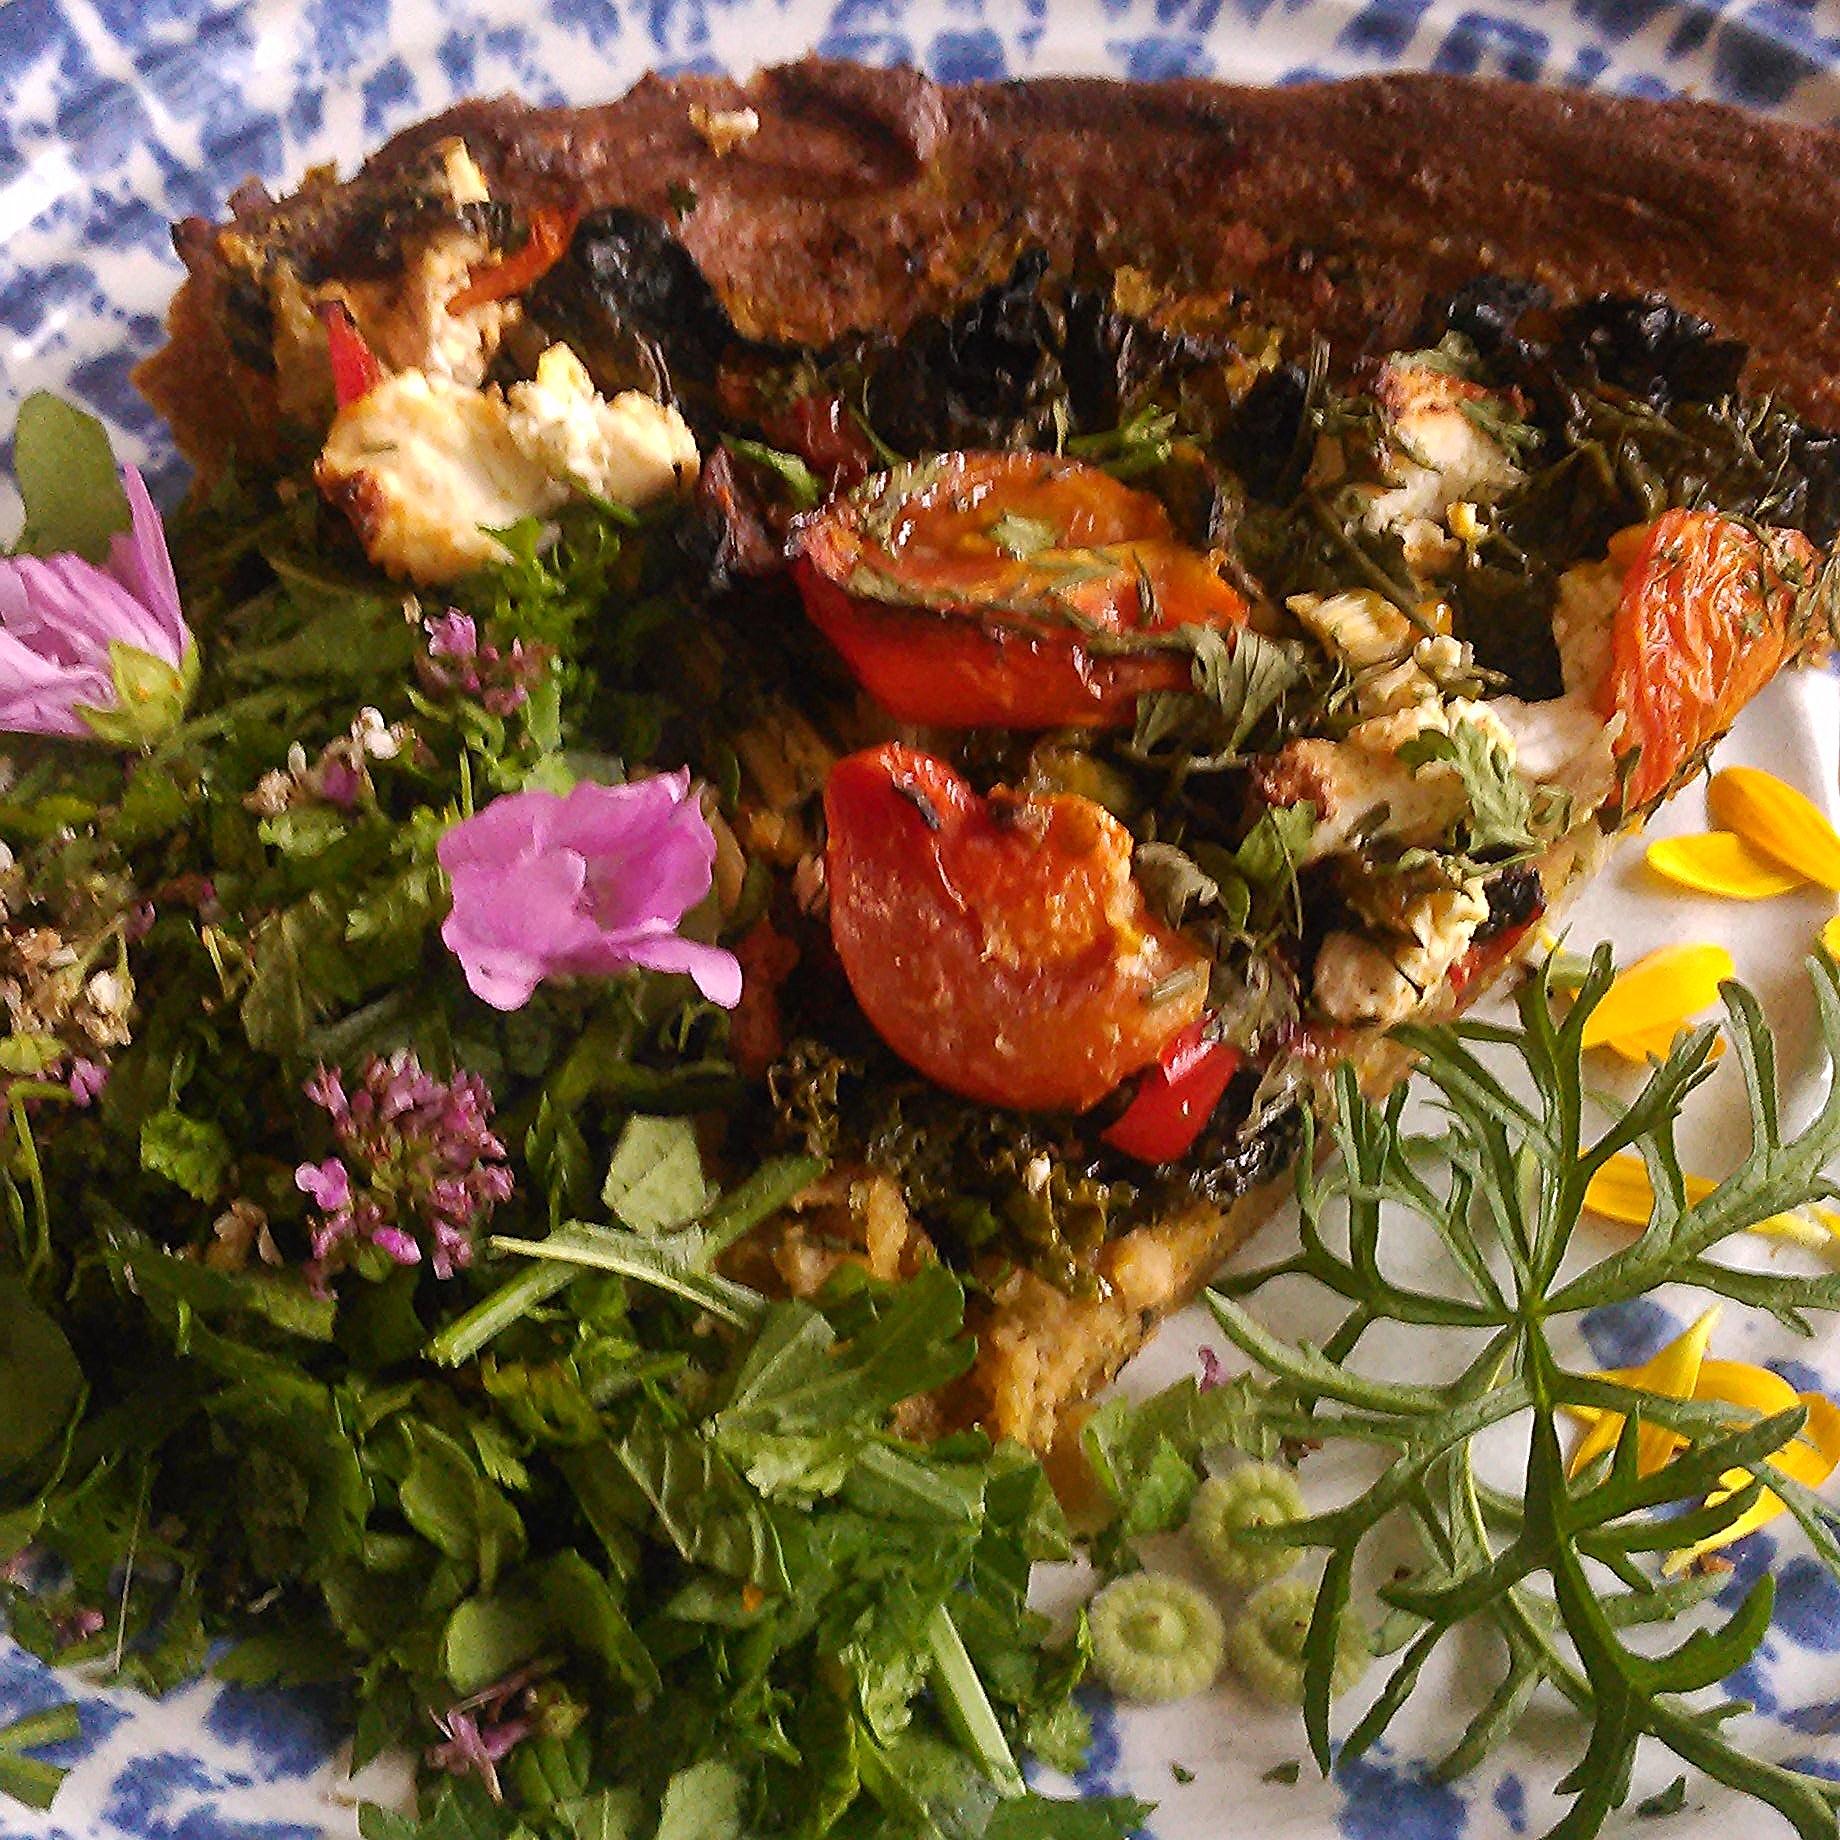 Utes fantastiske pai med bunn av emmer og kikkert mel og fyll med tomat, fetaost og grønnsaker. Servert med salat, kløver, bergmynta,kattost og ryllik og blomster av de samme vekstene og litt ringblomst.